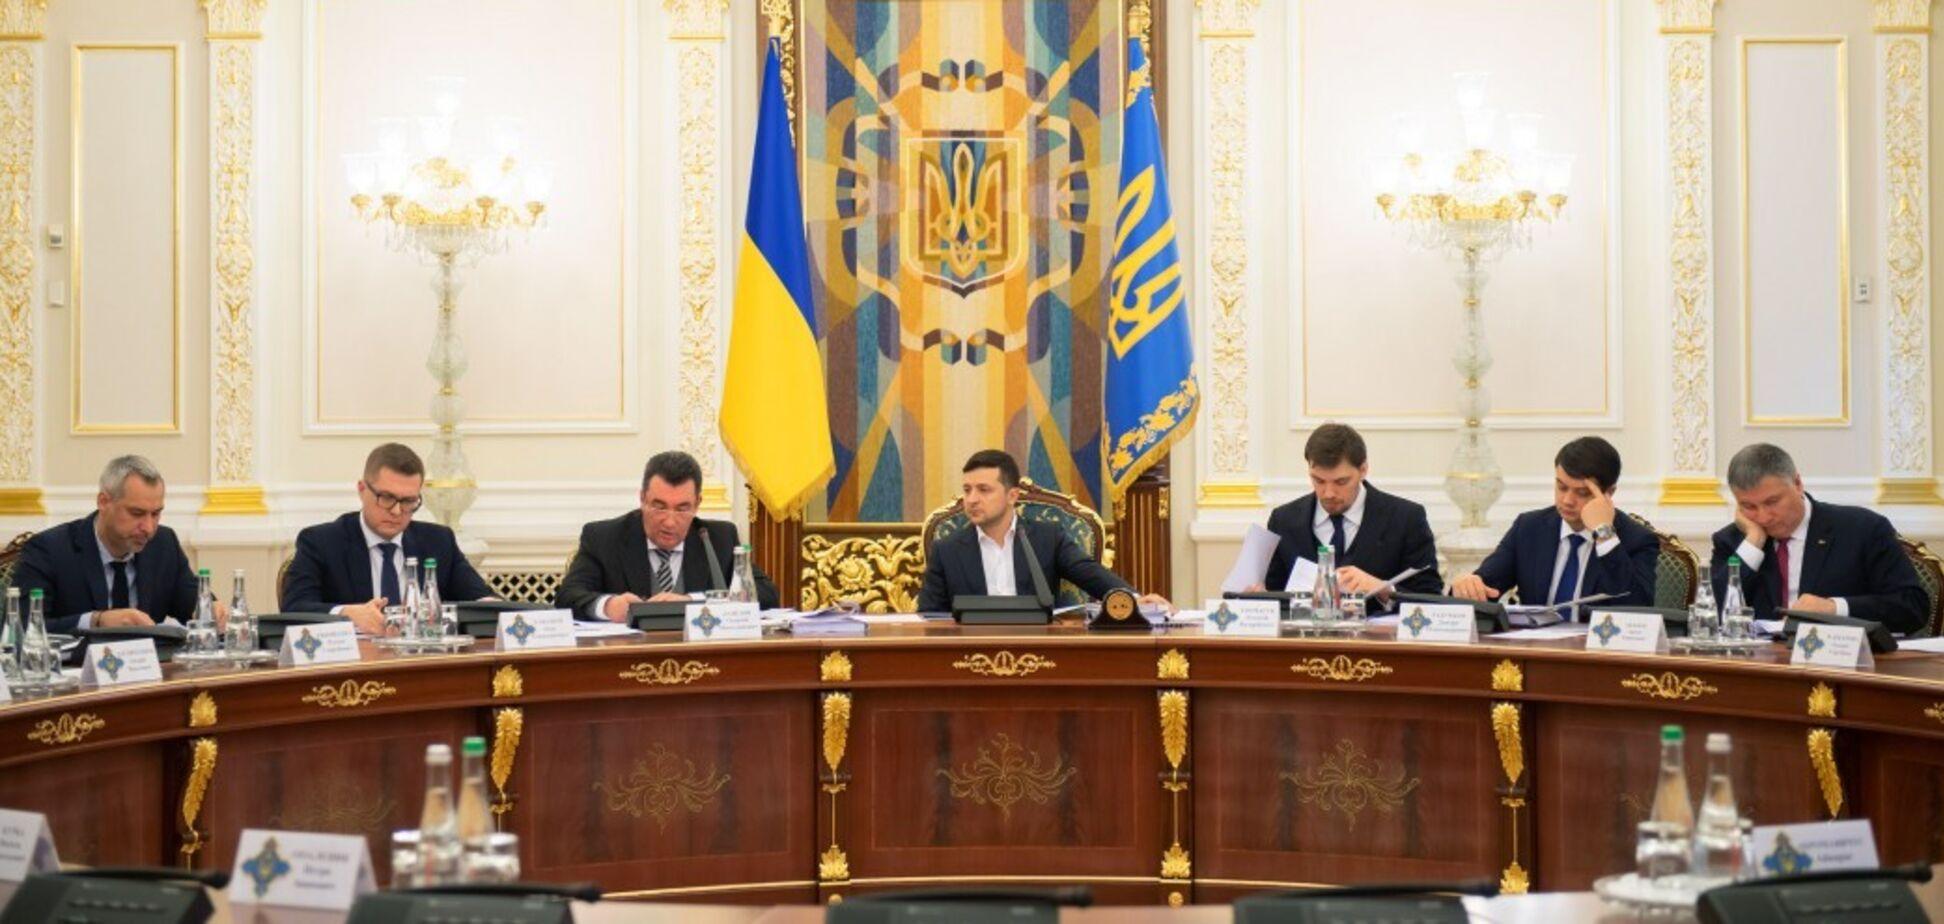 Зеленський продемонстрував готовність протистояти олігархам і російським 'агентам впливу'